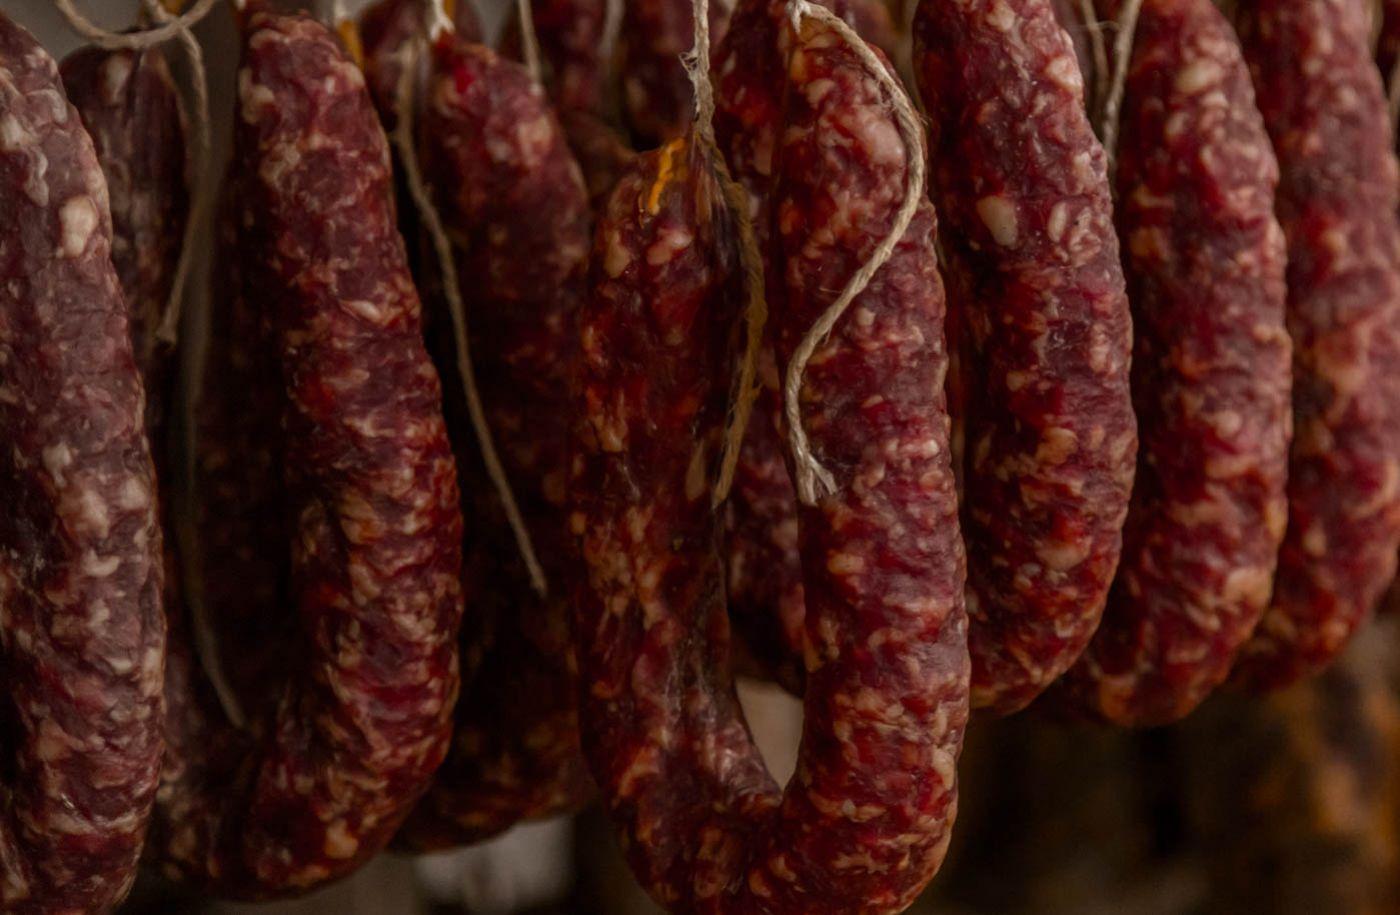 Stirrup salami during the maturing phase